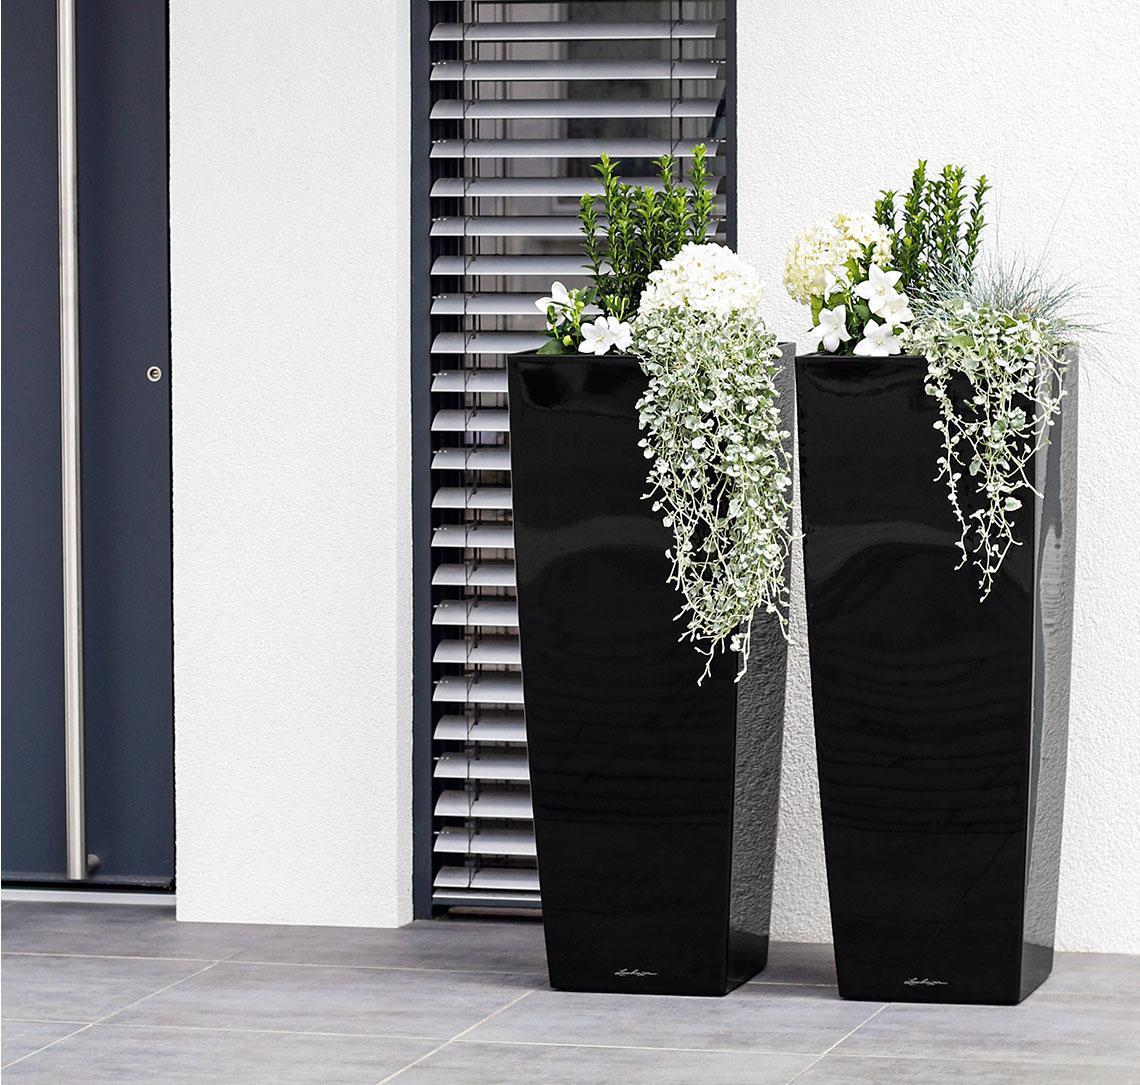 Zwei CUBICO Alto in hochglanz schwarz mit moderner weiß-grüner Bepflanzung stehen vor einem modernen Haus